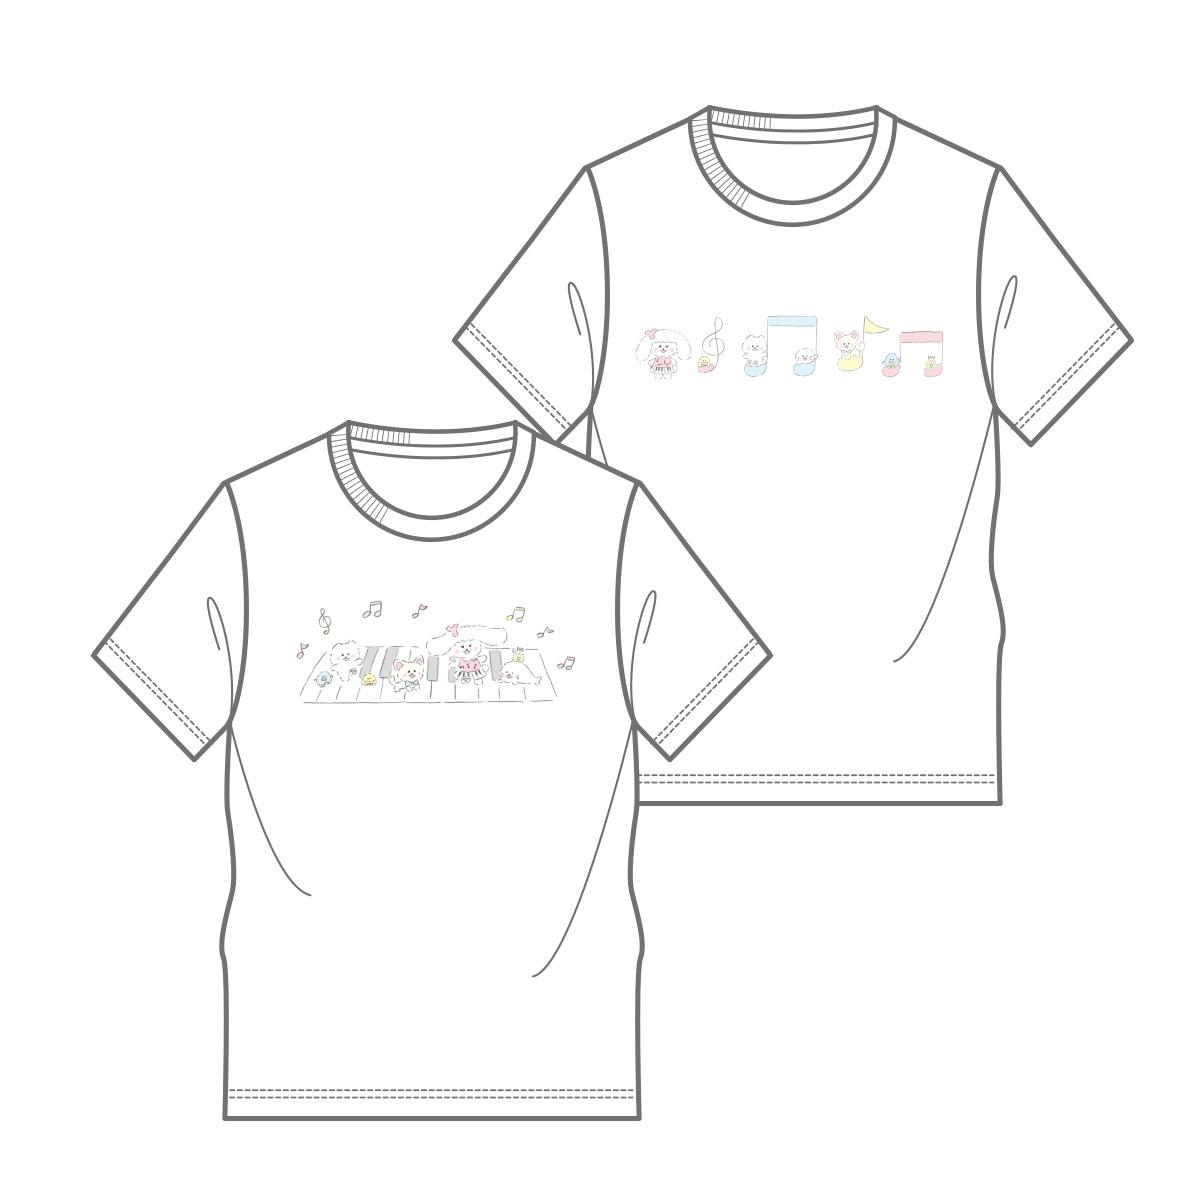 ほわころくらぶ_ゆかるん_Tシャツ